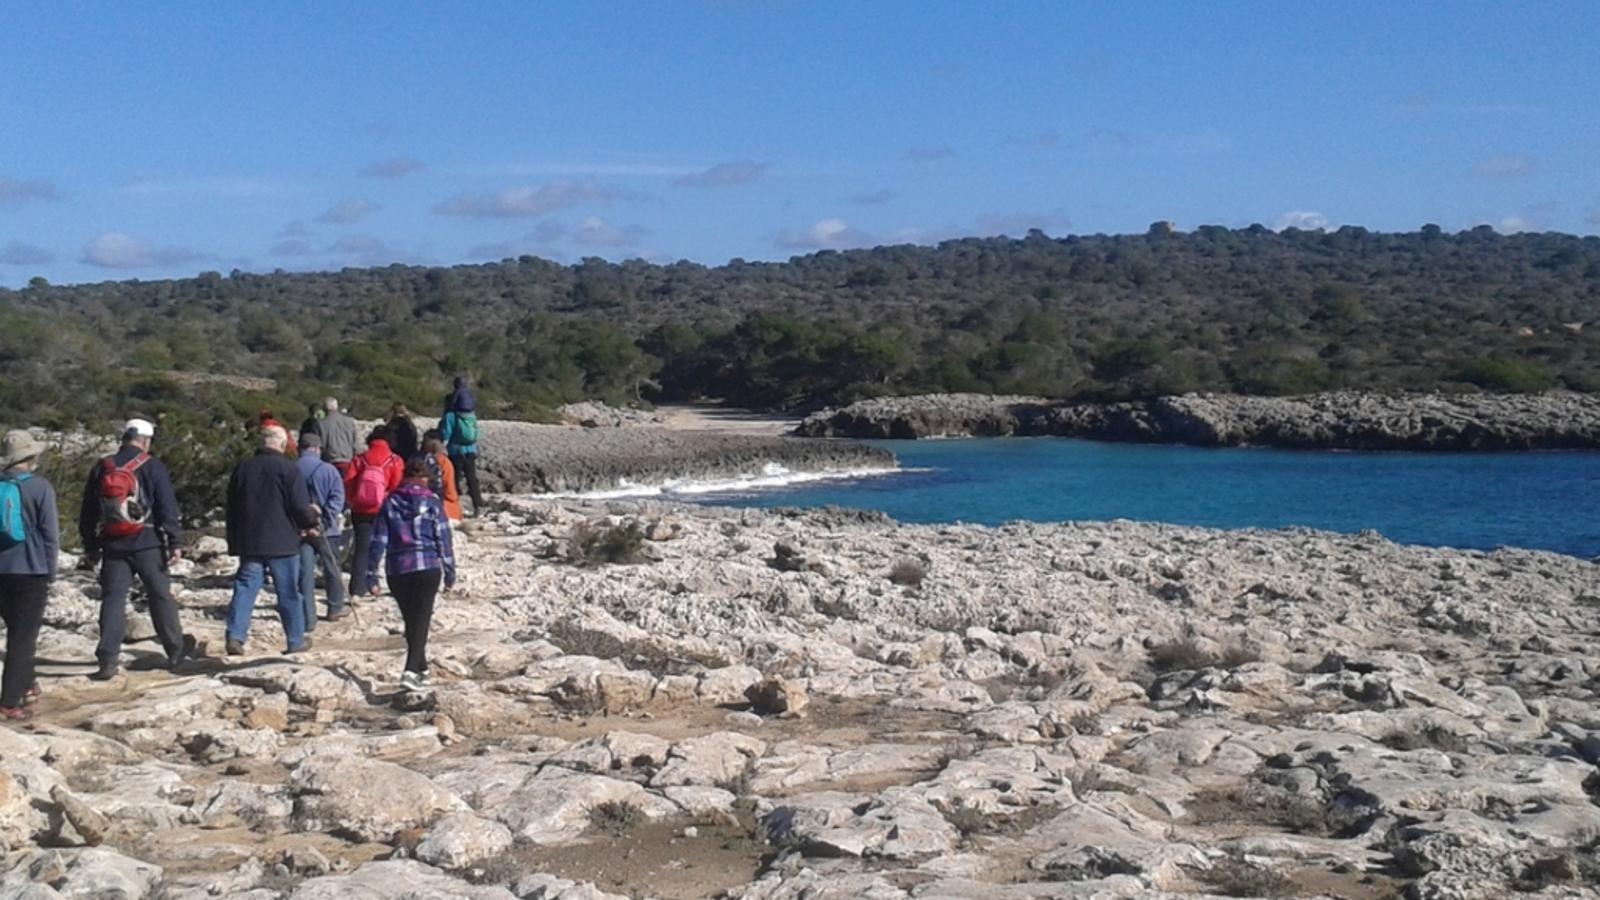 La iniciativa del Gob reunirà diversos grups d'actuació a diferents zones del litoral menorquí.